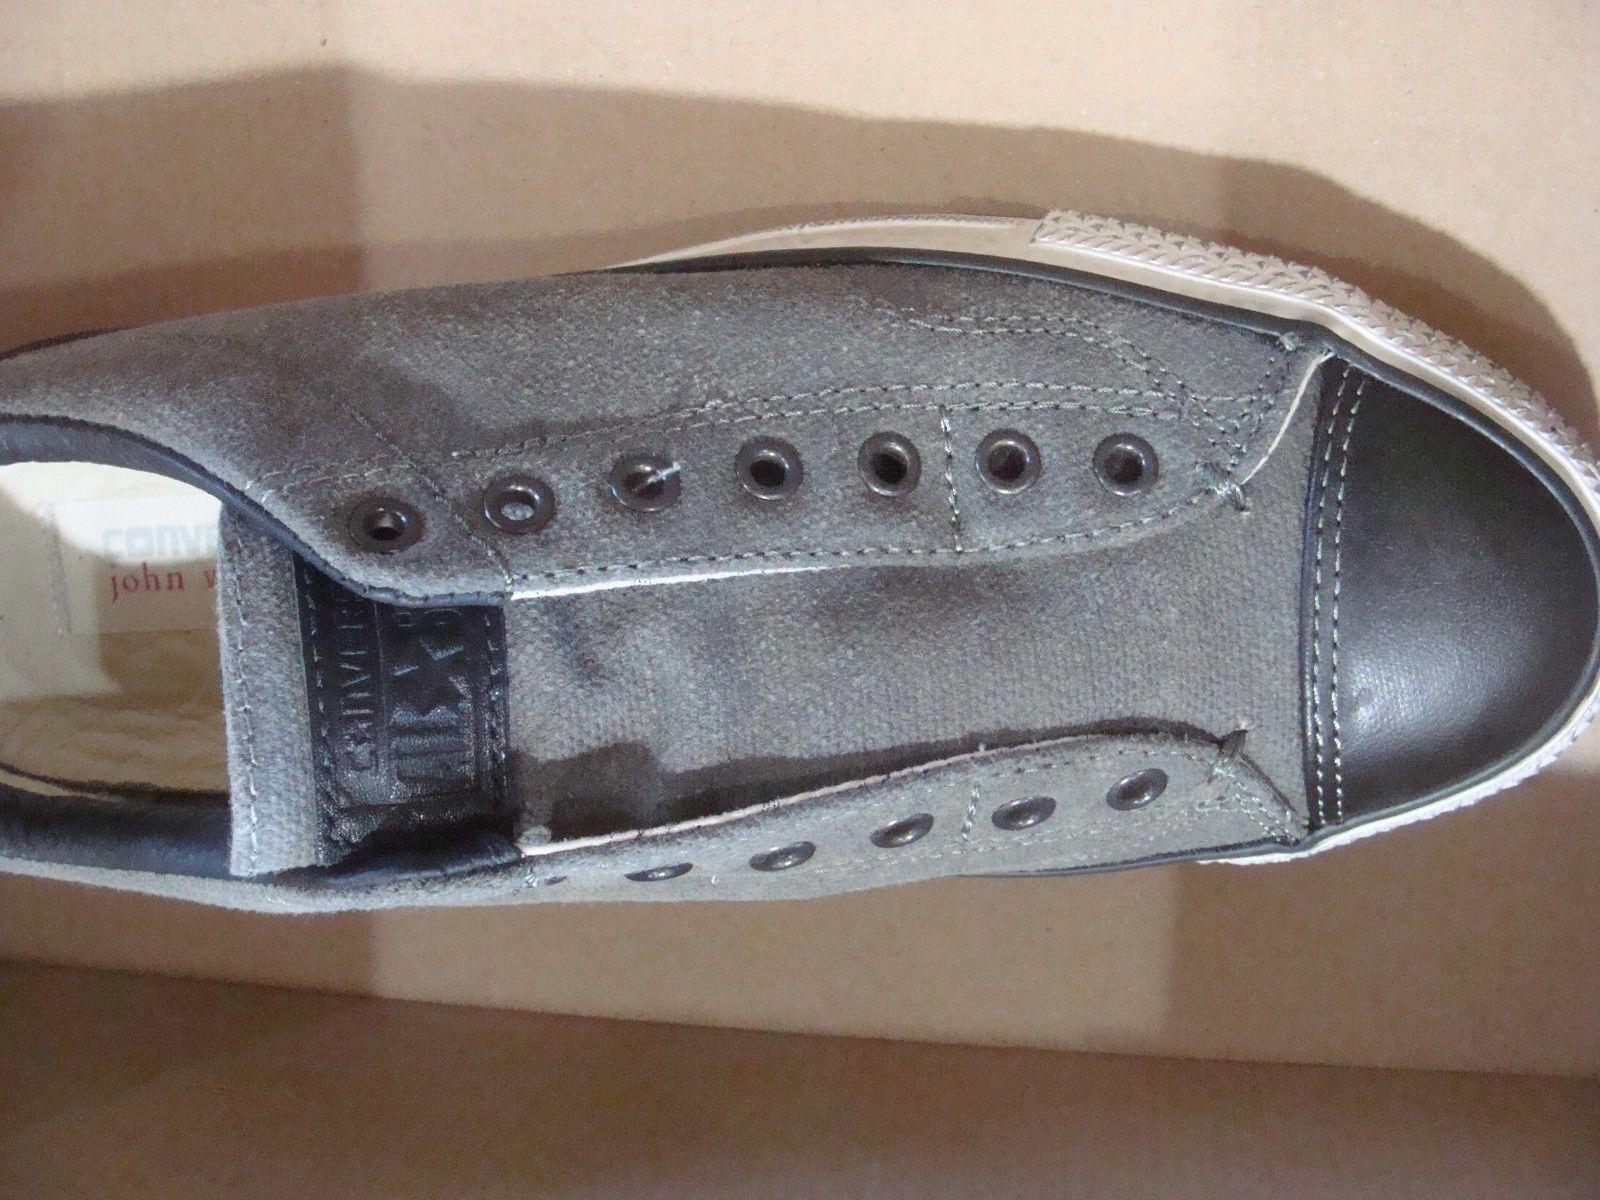 Converse X John Varvatos CTAS Vintage Slip Beluga Black 151271C Size 7.513